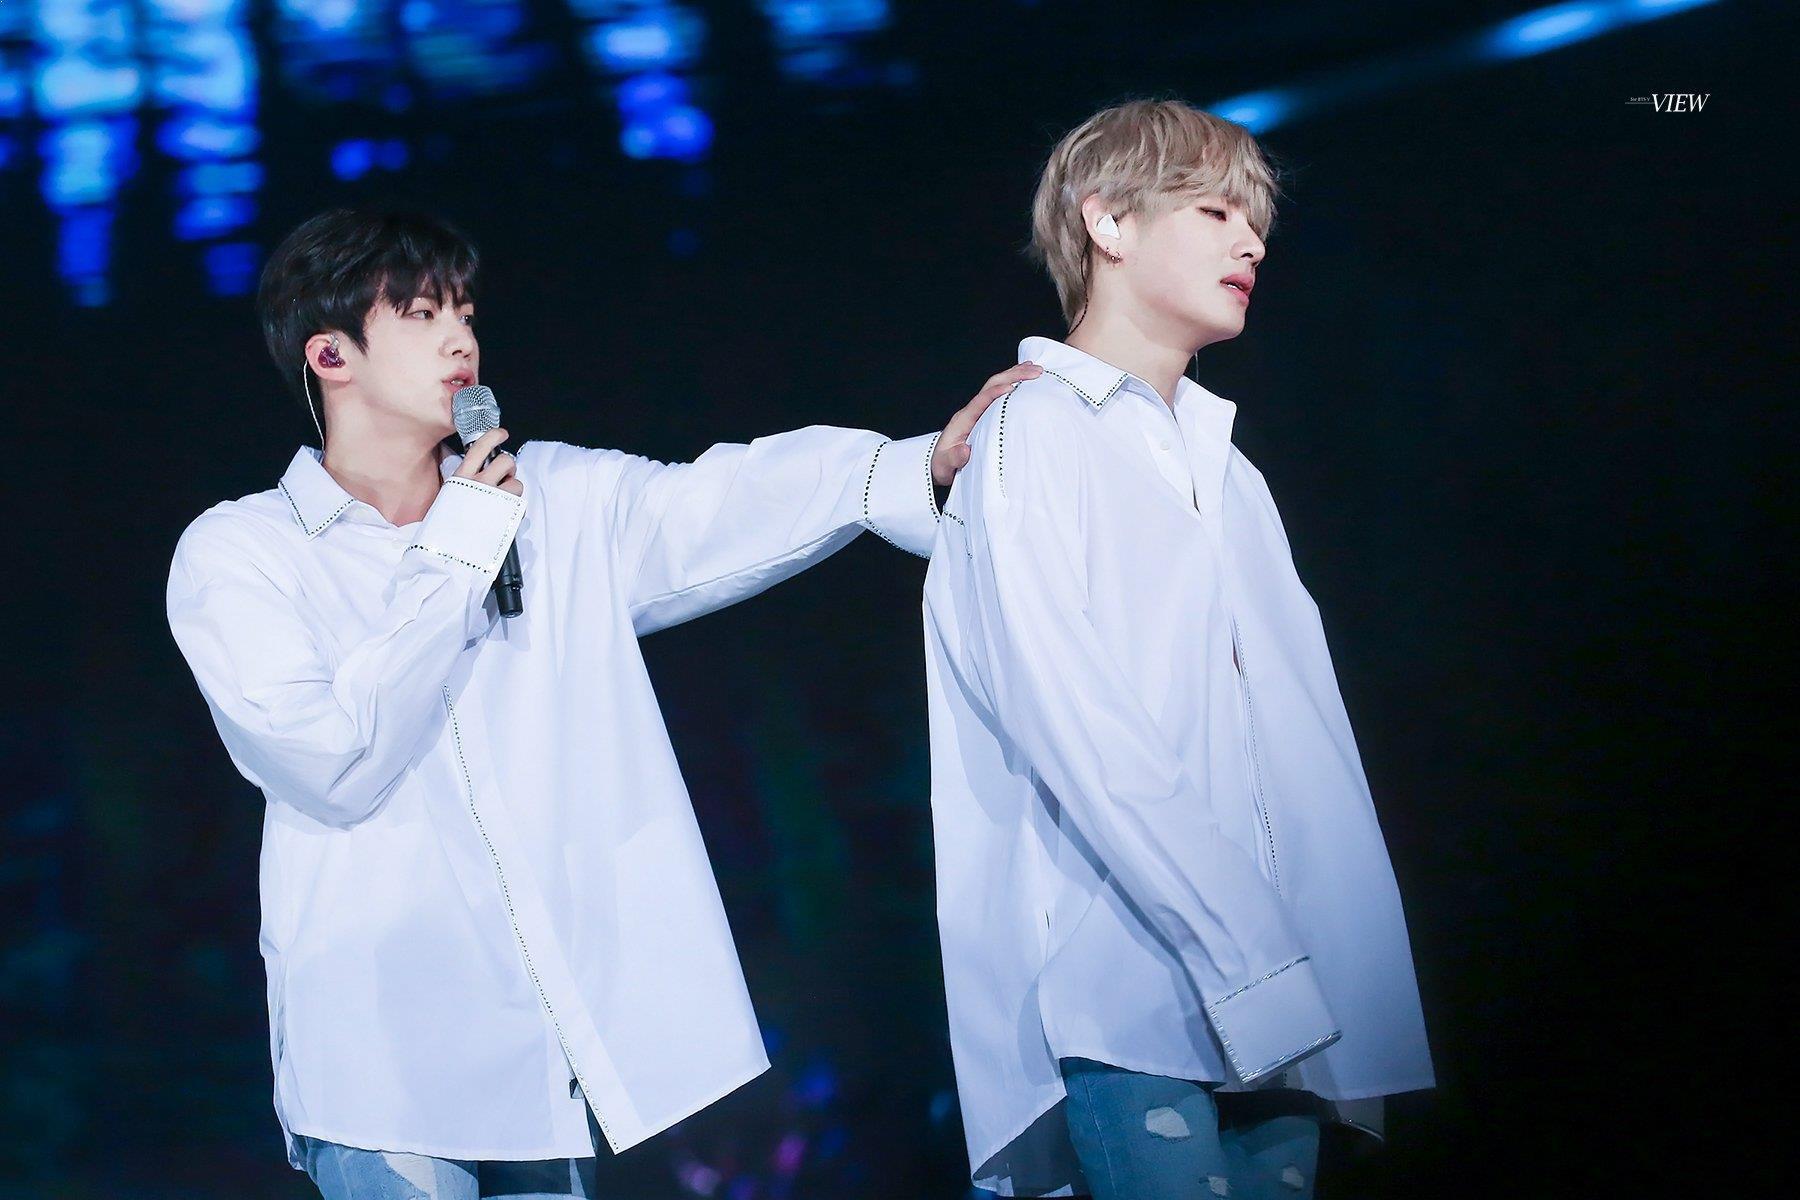 Ngược đời idol Kpop là visual nhưng không nói thì chẳng ai hay: Đẹp cực phẩm nhưng toàn bị thành viên khác lấn át - Ảnh 3.